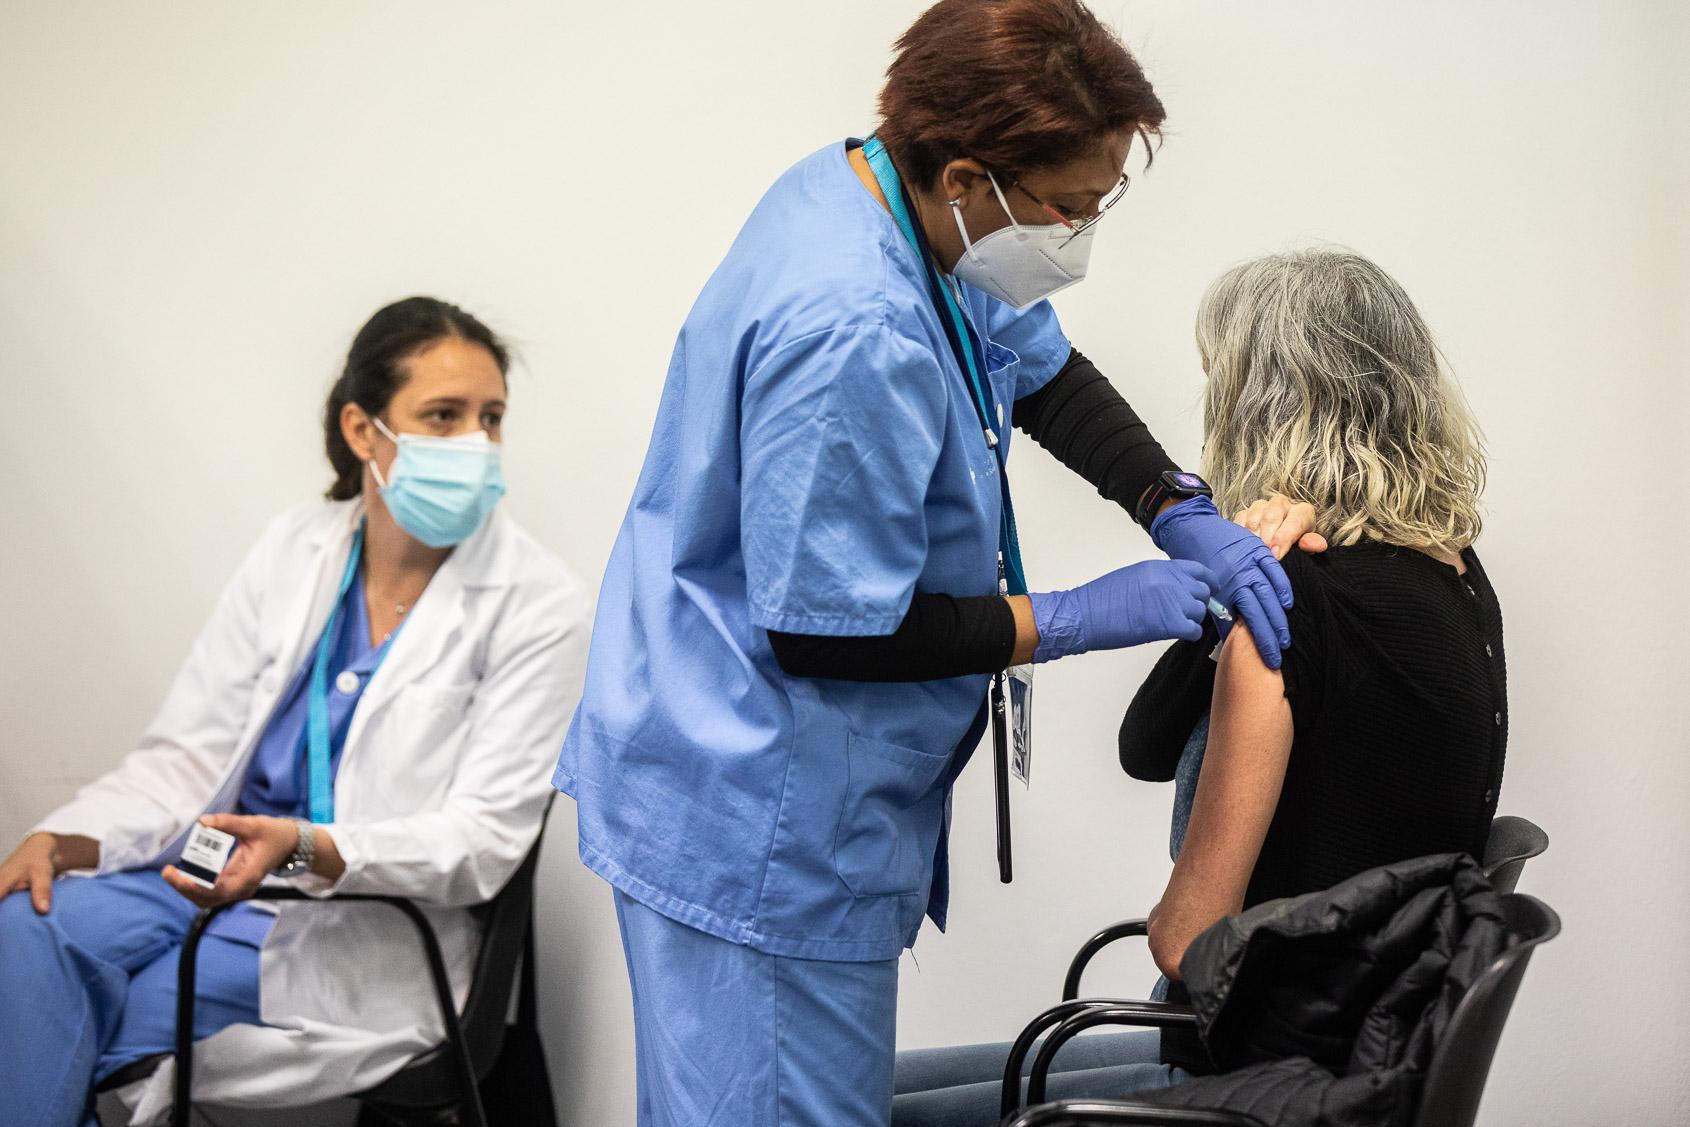 Punt de vacunació La Farga de L'Hospitalet de Llobregat, 22 d'abril del 2021 / Jordi Borràs